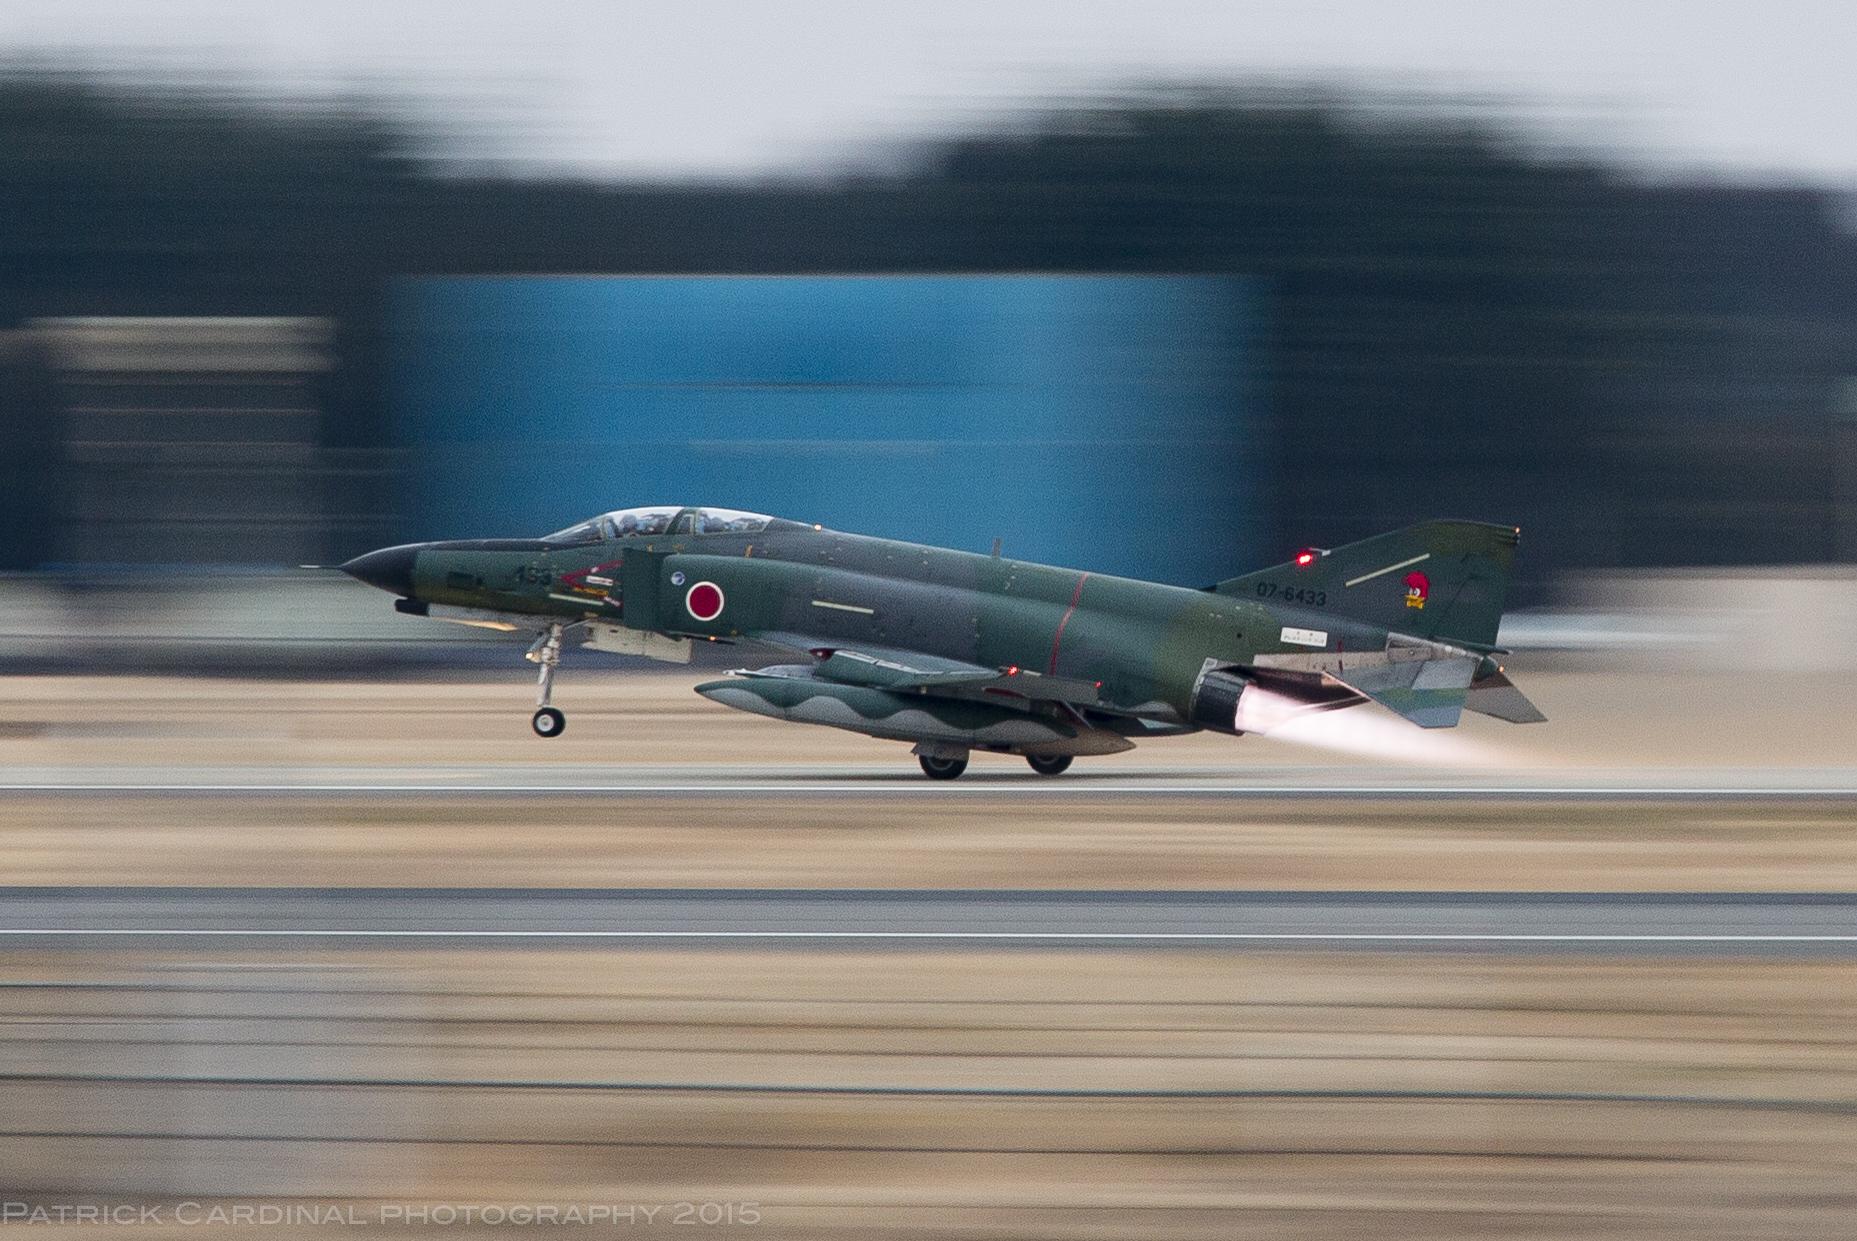 военная авиация японии фото крупным планом жители рассказывали